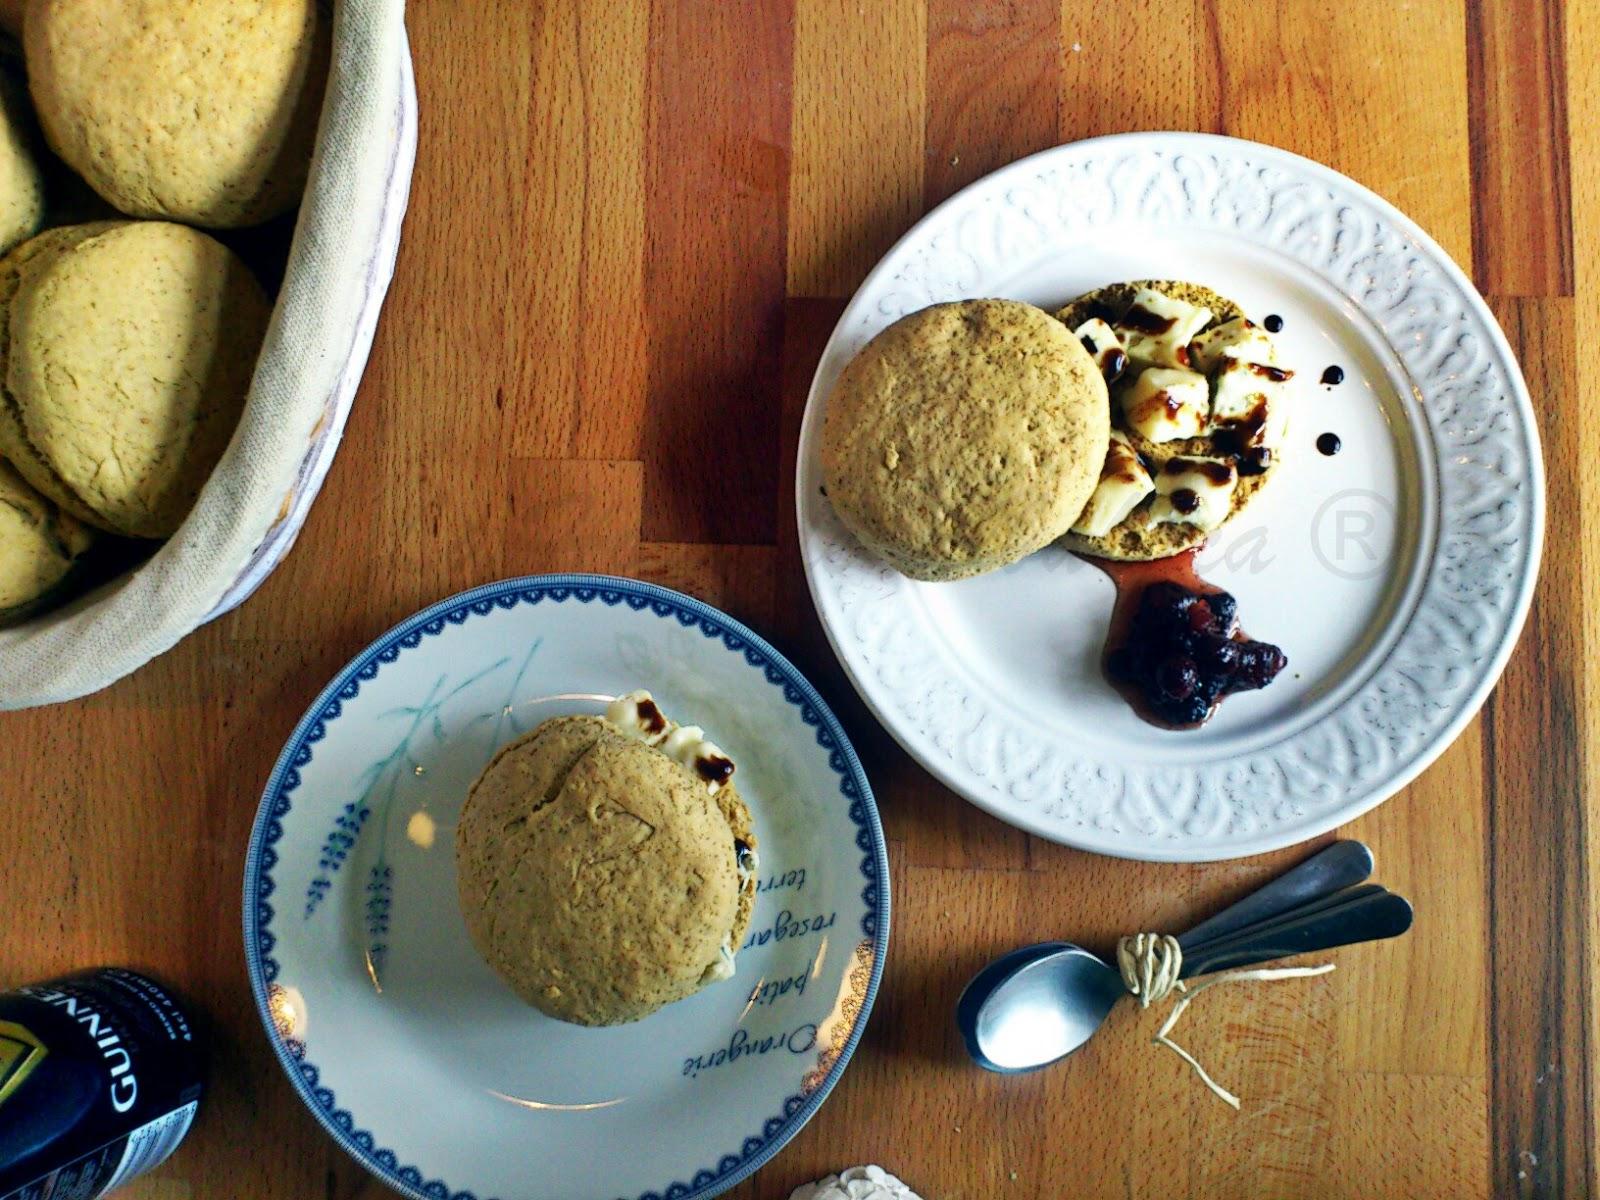 Irish scones, scones, gorgonzola, reducción vinagre de modena, guinness